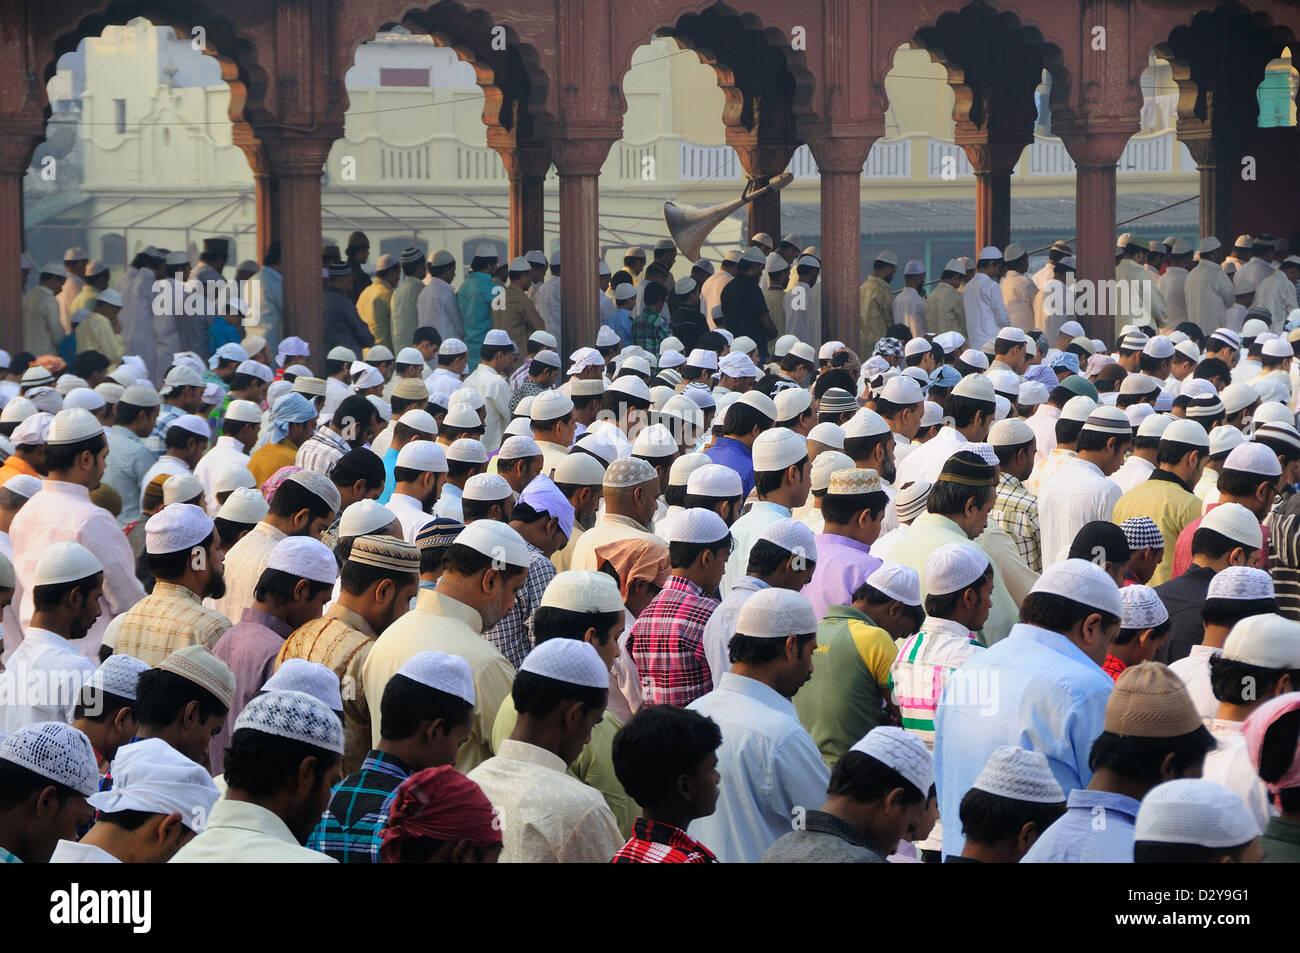 Tausende von muslimischen Menschen innerhalb und außerhalb der Moschee sitzen. Ende des Ramadan zu feiern. Stockbild